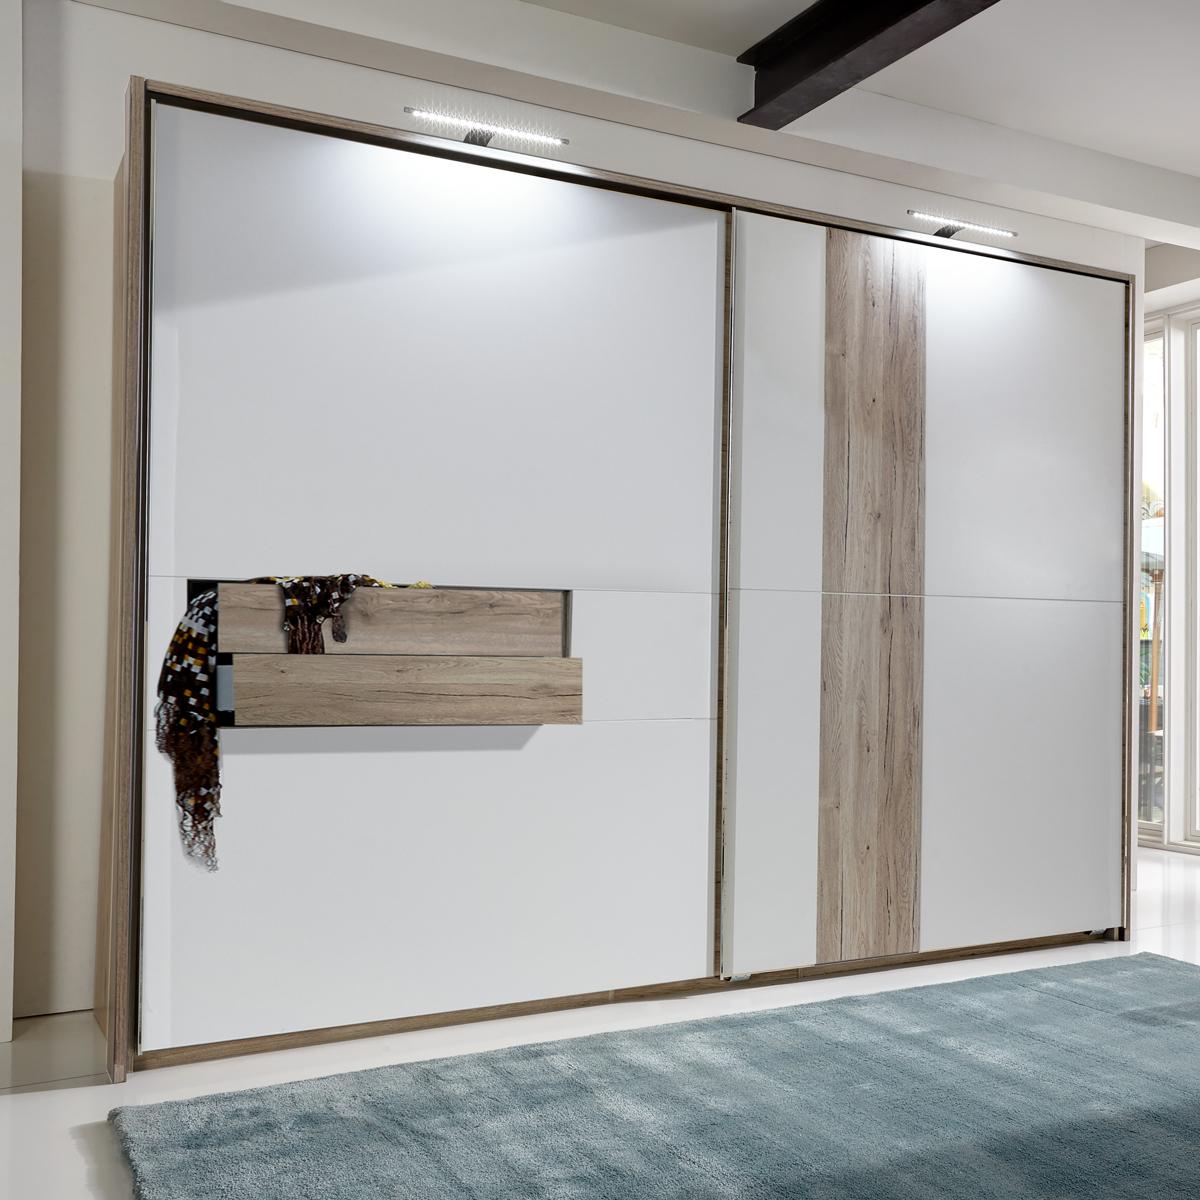 schwebet renschrank diva 300cm wei und san remo eiche mit passepartout. Black Bedroom Furniture Sets. Home Design Ideas